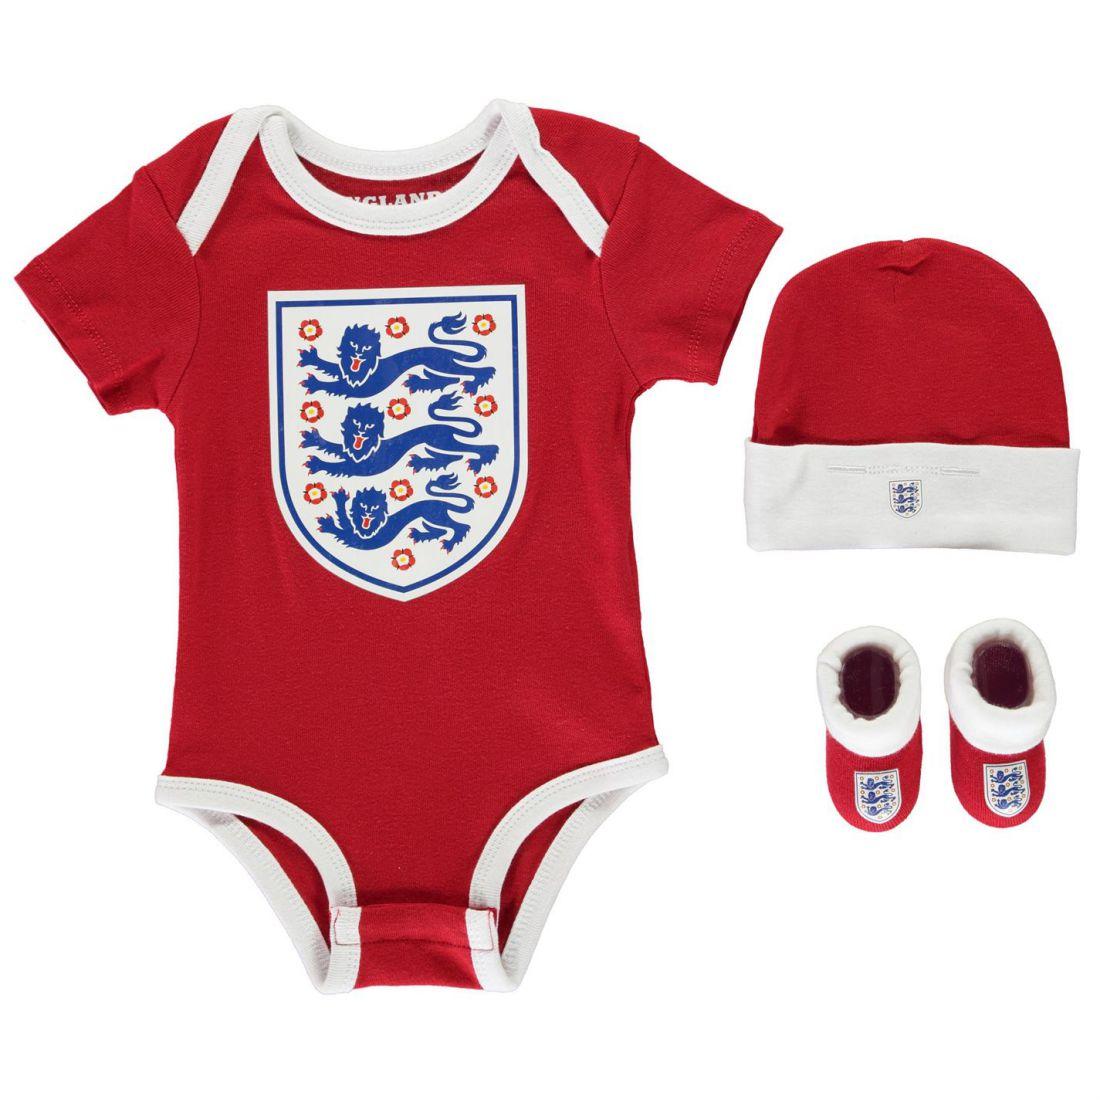 Angleterre Ensemble 3 pièces Bébé Garçons Vêtements à manches courtes col rond en coton stretch